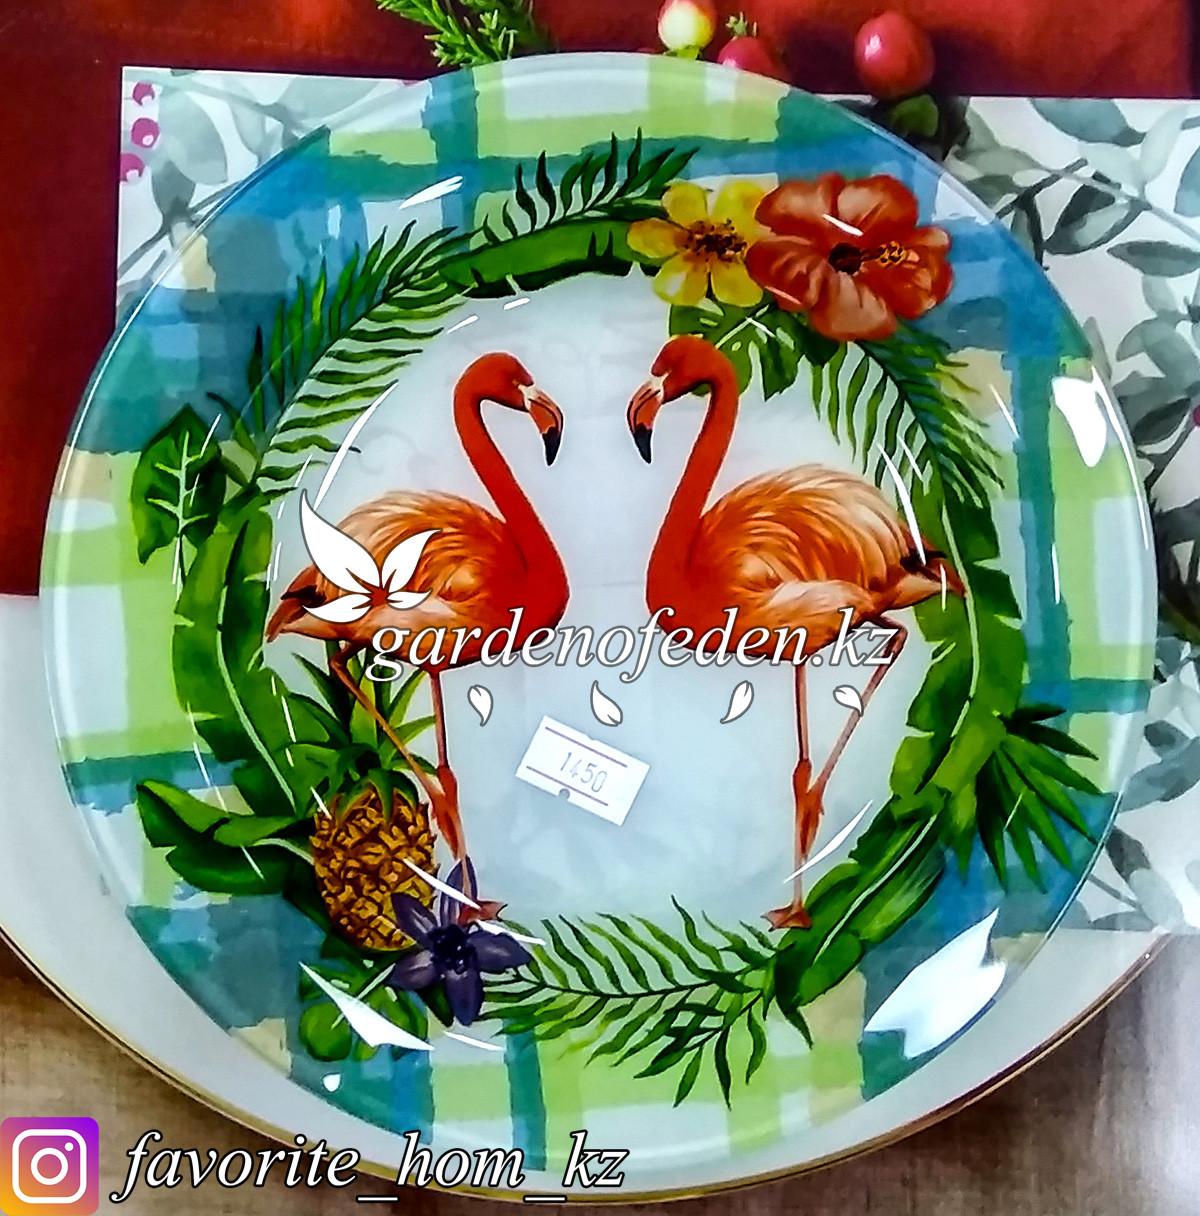 Тарелка обеденная, с узором. Цвет: Разные цвета. Материал: Стекло.